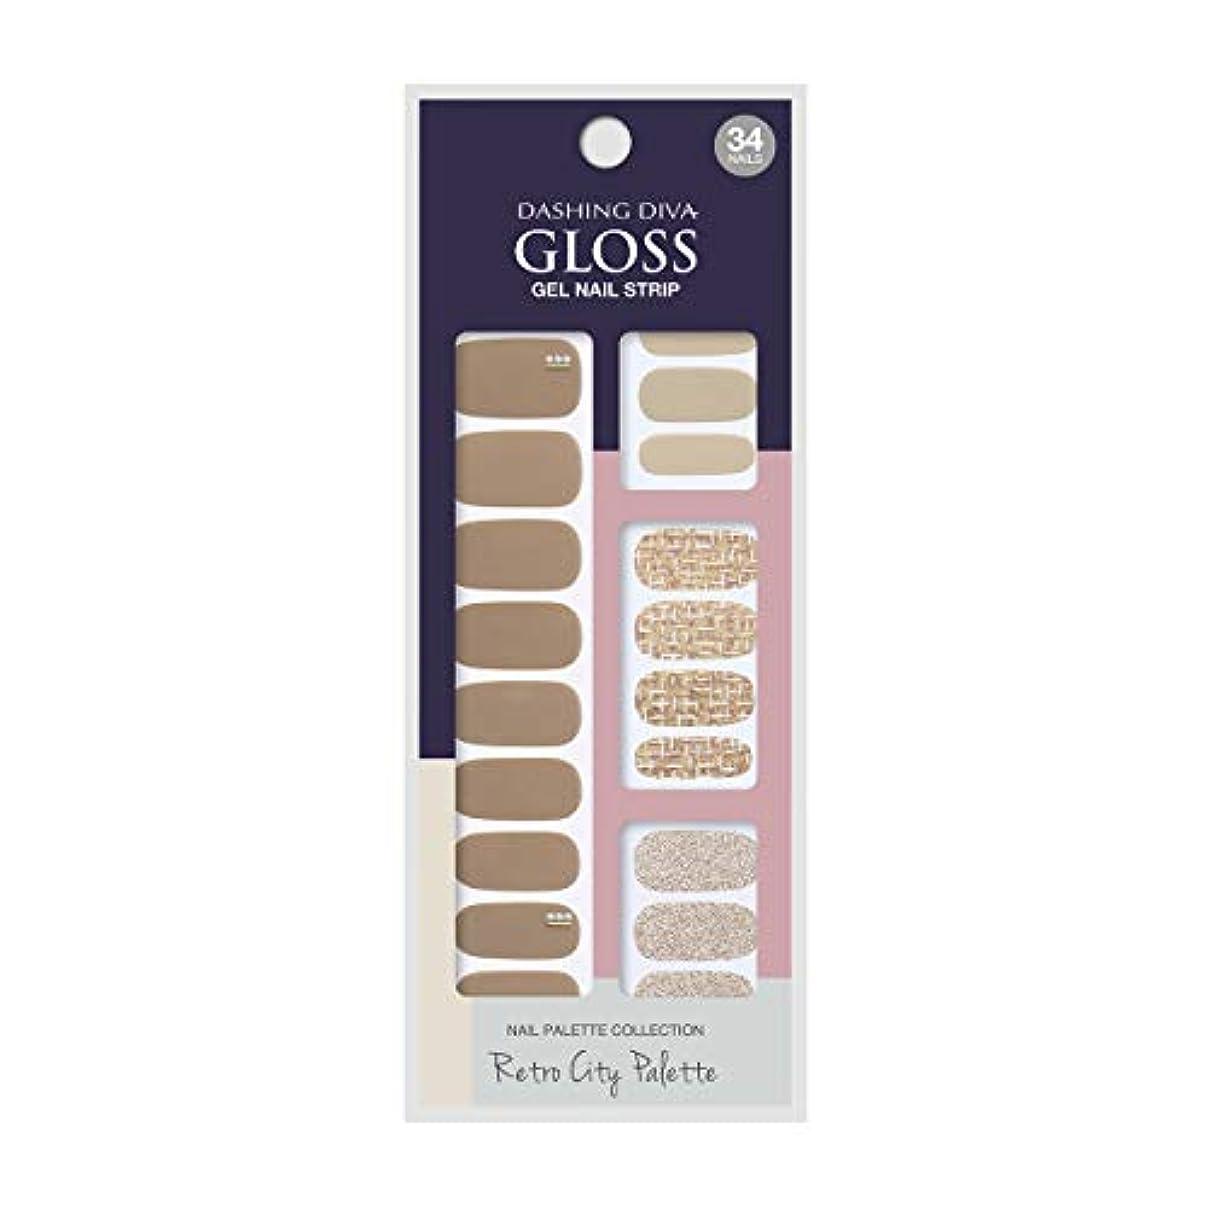 せがむ大西洋バラエティダッシングディバ グロスジェル ネイルストリップ DASHING DIVA Gloss Gel Nail Strip GVP85 -DURY+ オリジナルジェル ネイルシール Tailor Shop